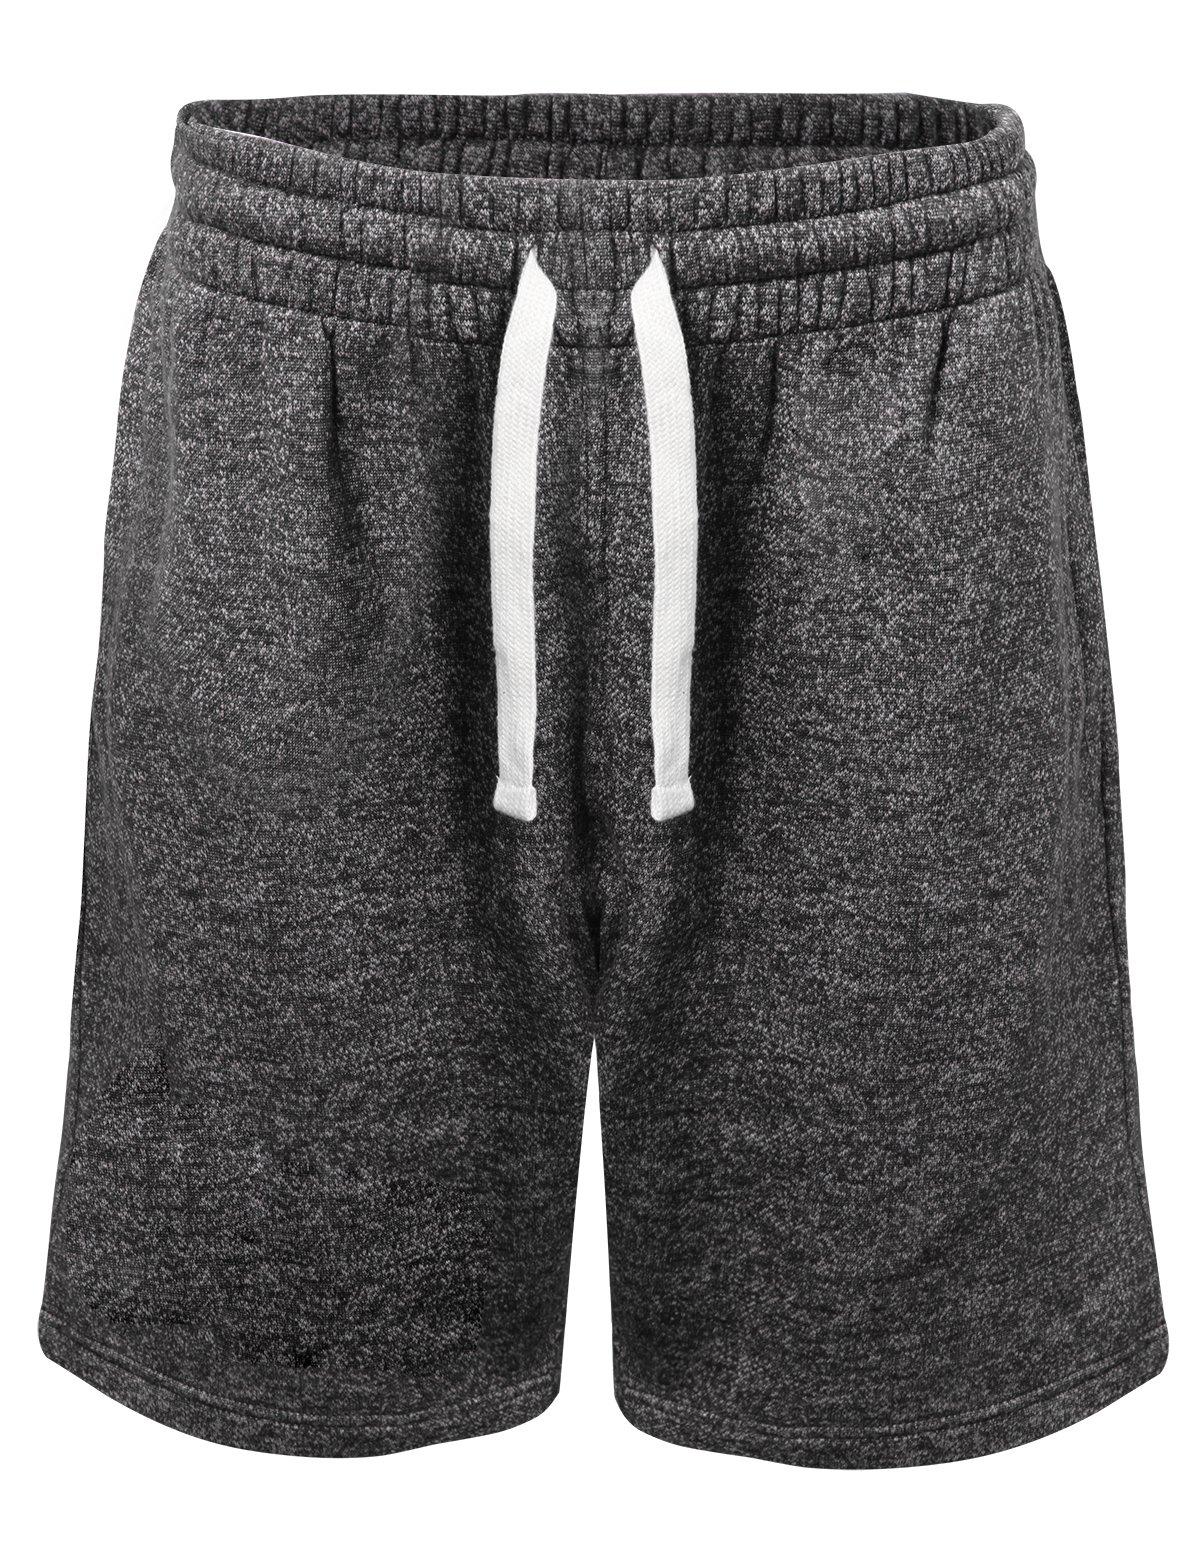 ProGo Men's Casual Basic Fleece Marled Shorts Pants with Elastic Waist (Marled Black, Medium) by PROGO USA